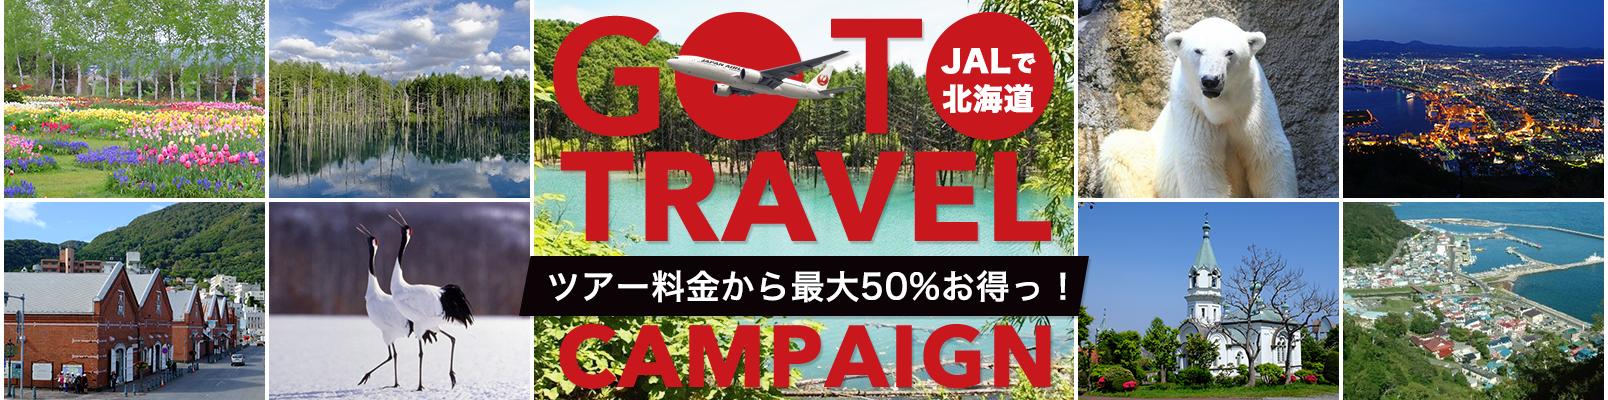 北海道 GoTo トラベルキャンペーン